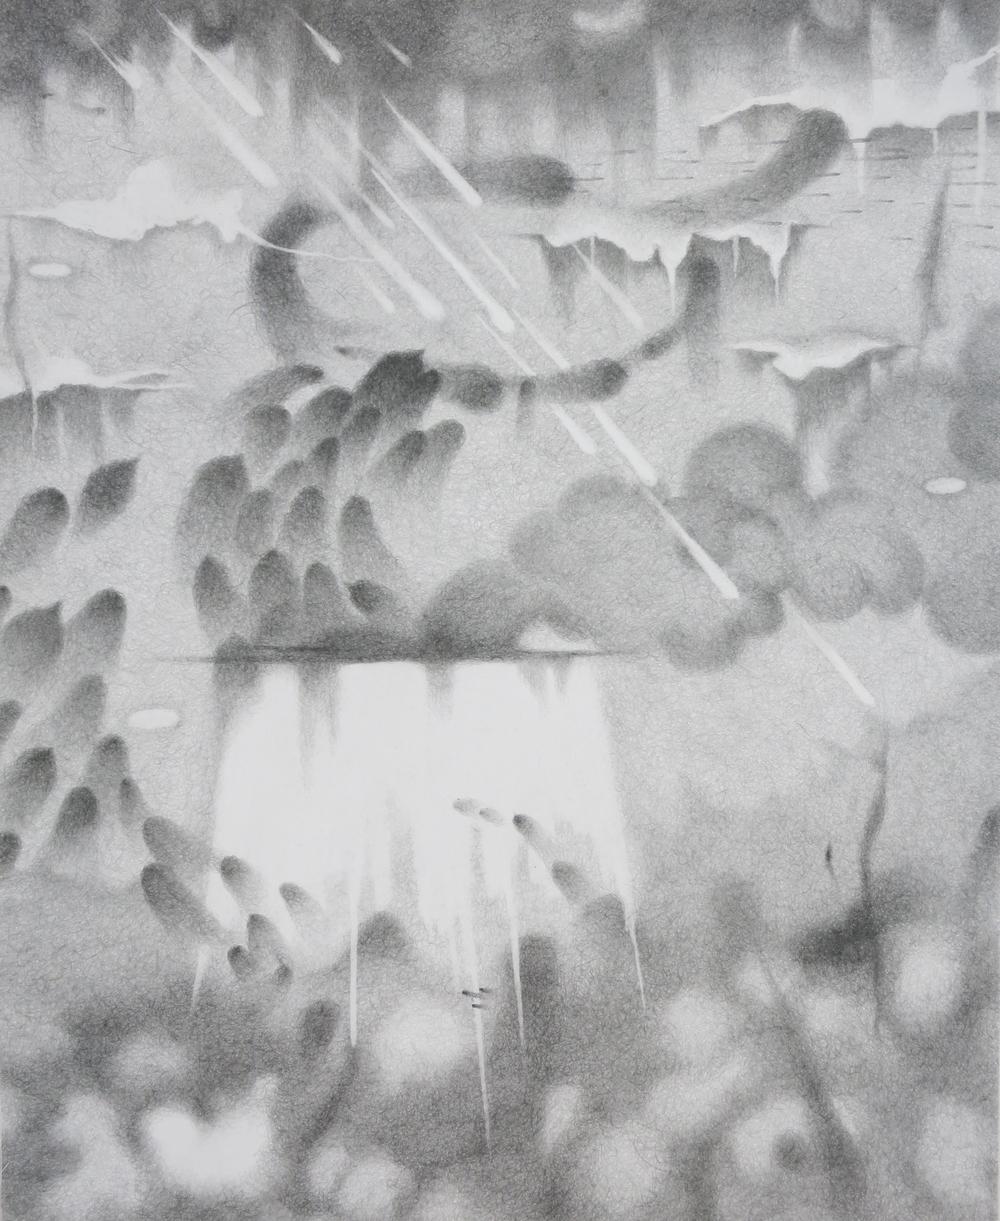 zac.jpg